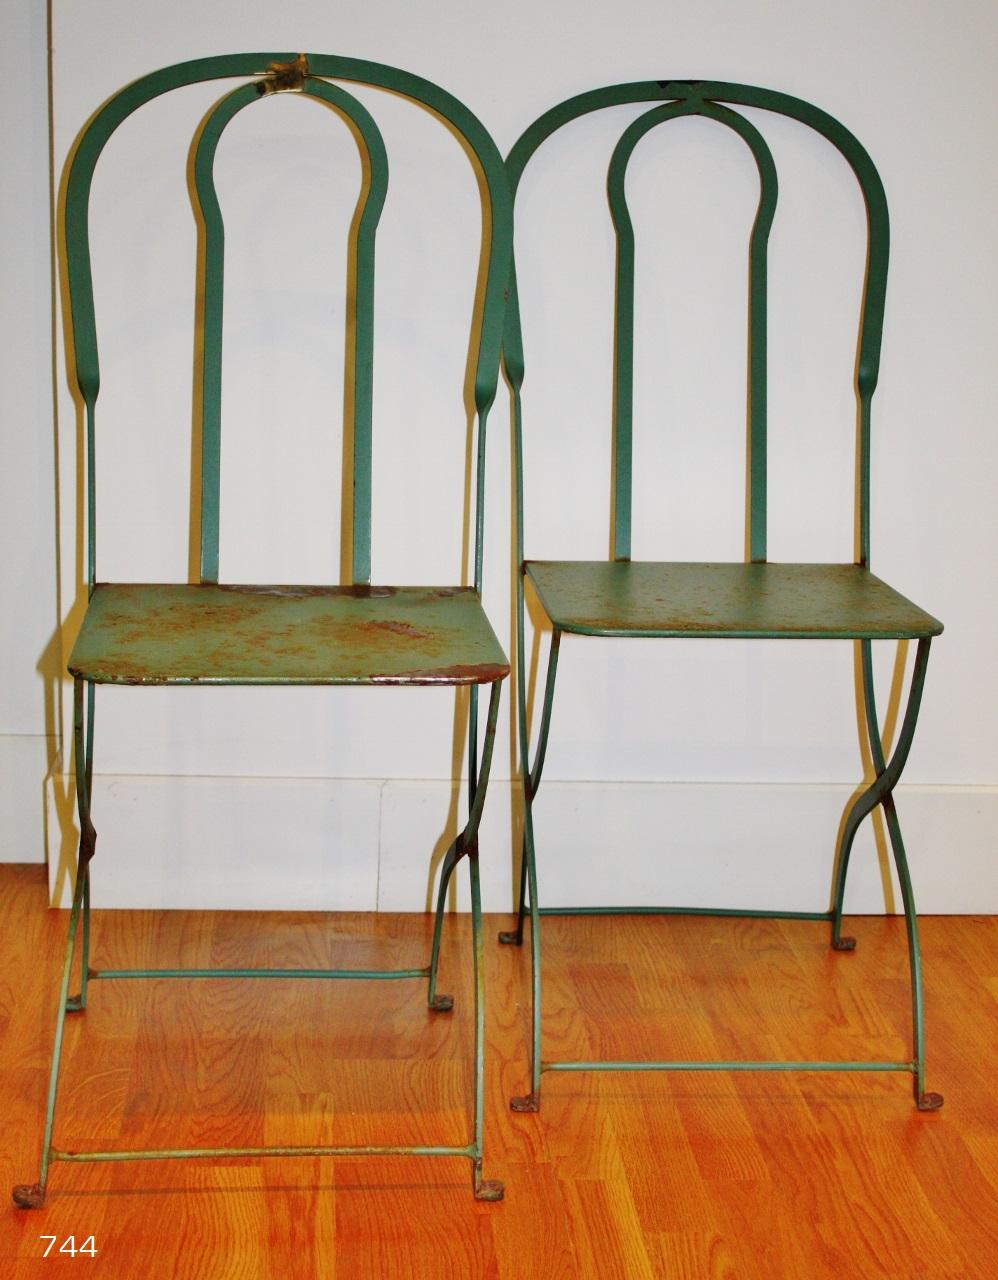 Sietecuatrocuatro sillas de hierro de jard n before for Sillas de jardin de hierro